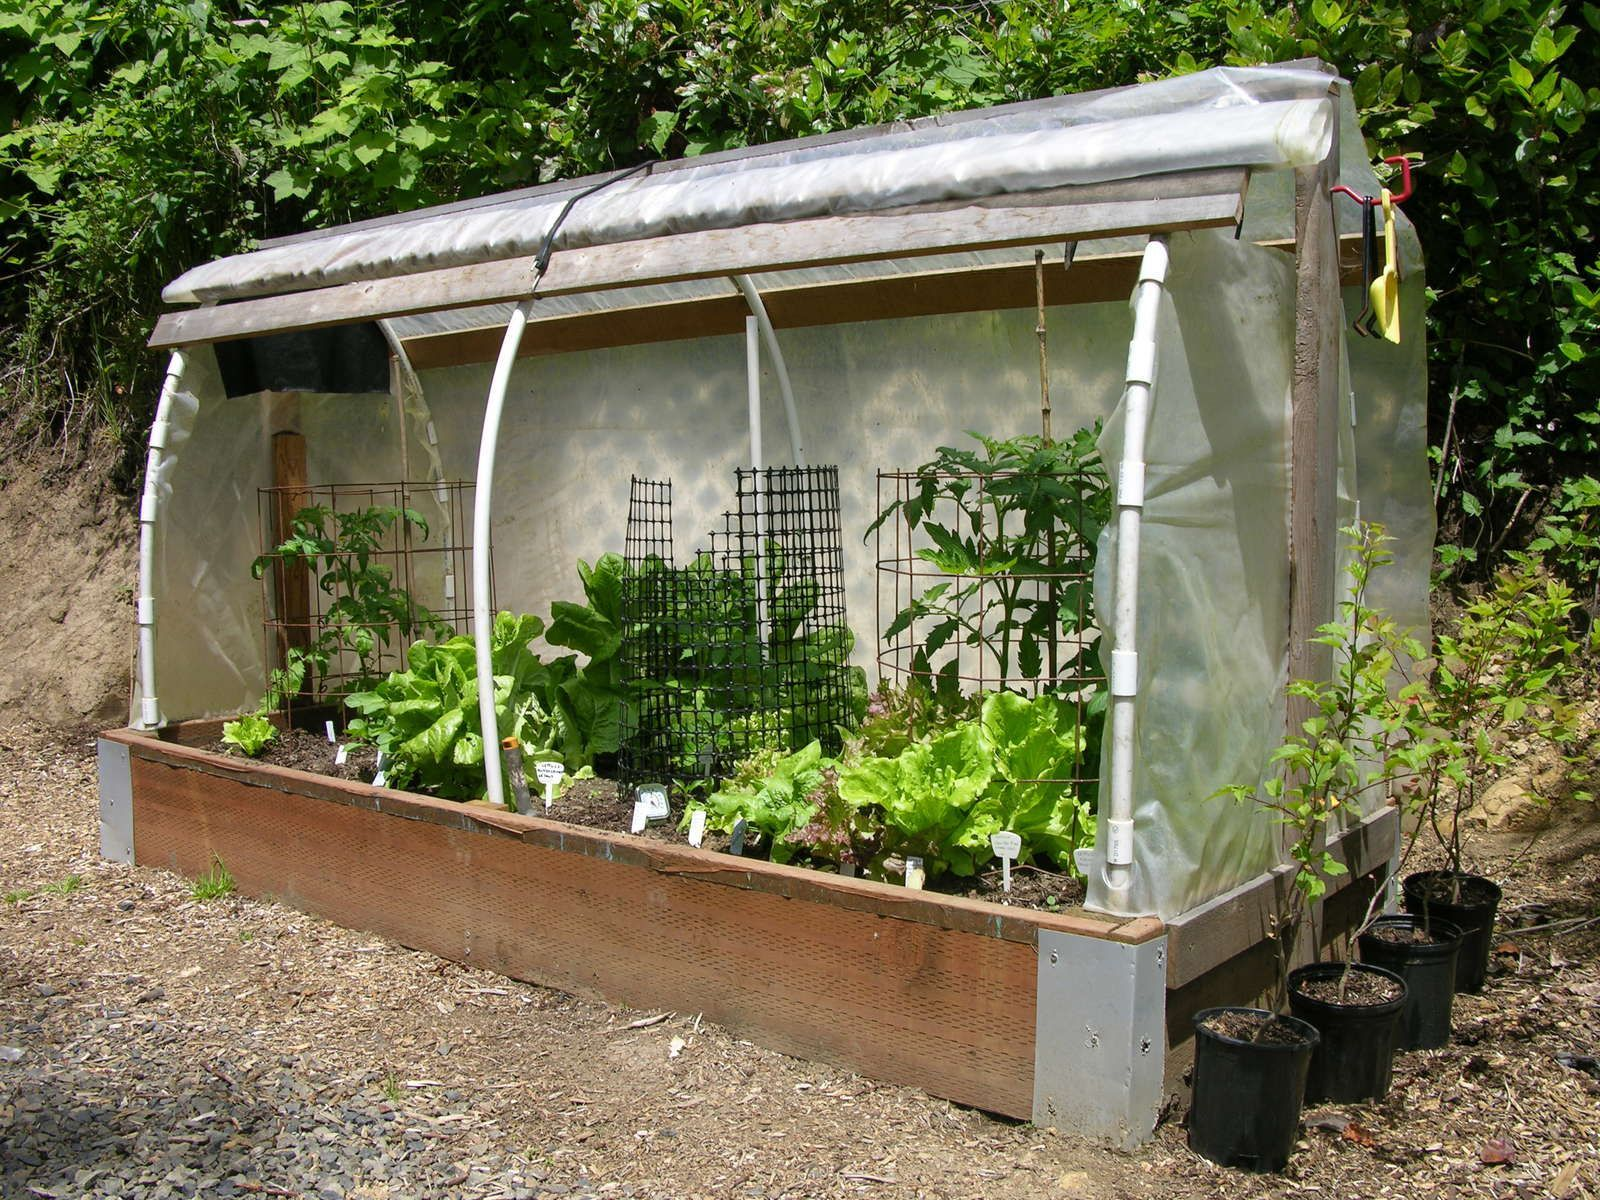 Hochbeet Im Winter Nutzen Ideen Tipps In 2020 Home Vegetable Garden Vegetable Garden Boxes Raised Garden